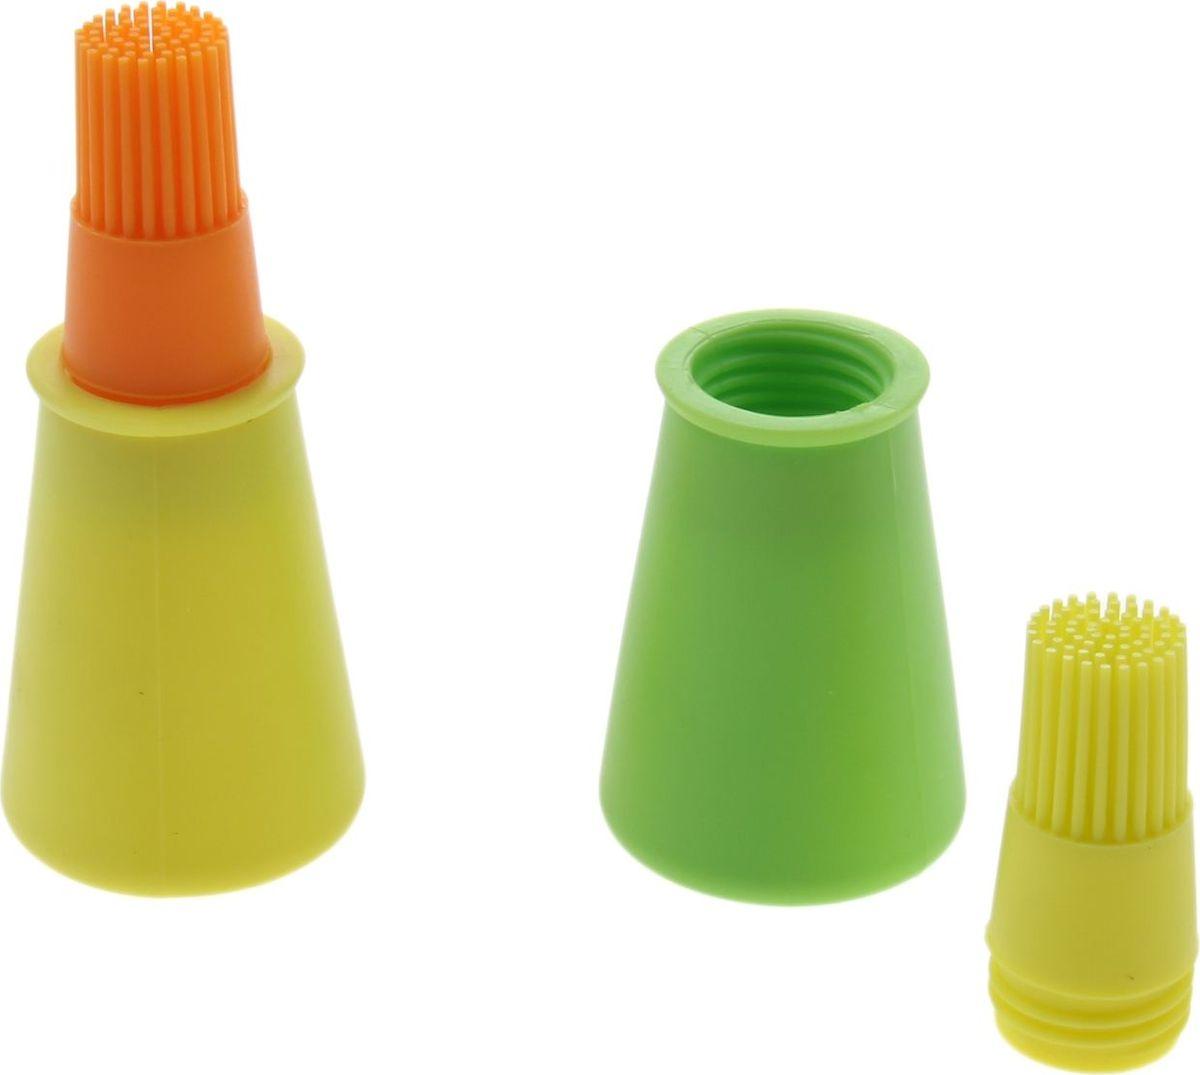 Кисть Доляна Олио, для масла, 11 х 5 см708001Специальная кисть помогает быстро смазать выпечку глазурью, яйцом или кремом, нанести масло на сковороду или противень. Уважаемые клиенты! Обращаем ваше внимание на цветовой ассортимент товара. Поставка осуществляется в зависимости от наличия на складе.